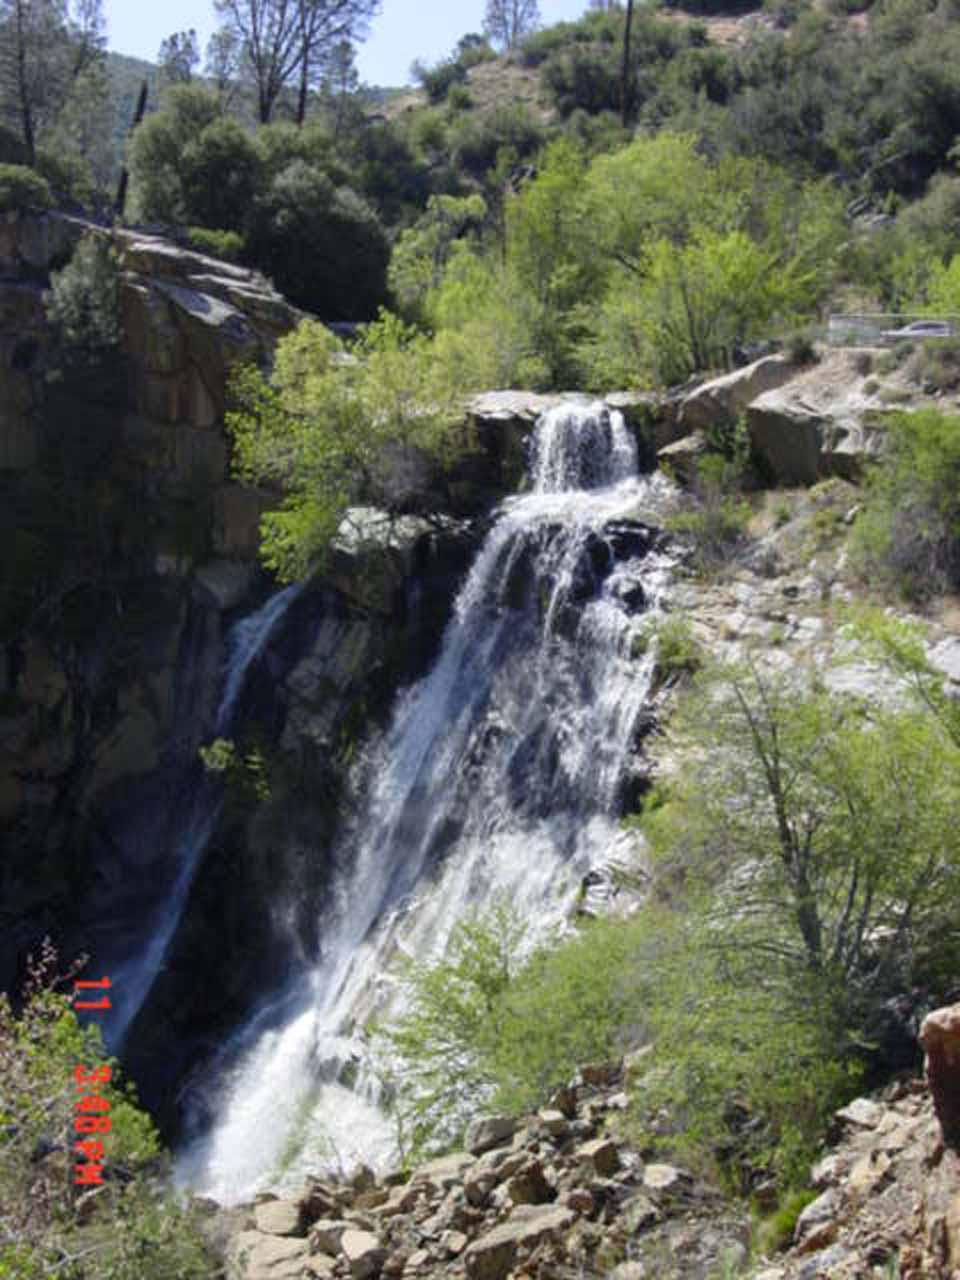 Old school photo of South Creek Falls taken in 2002